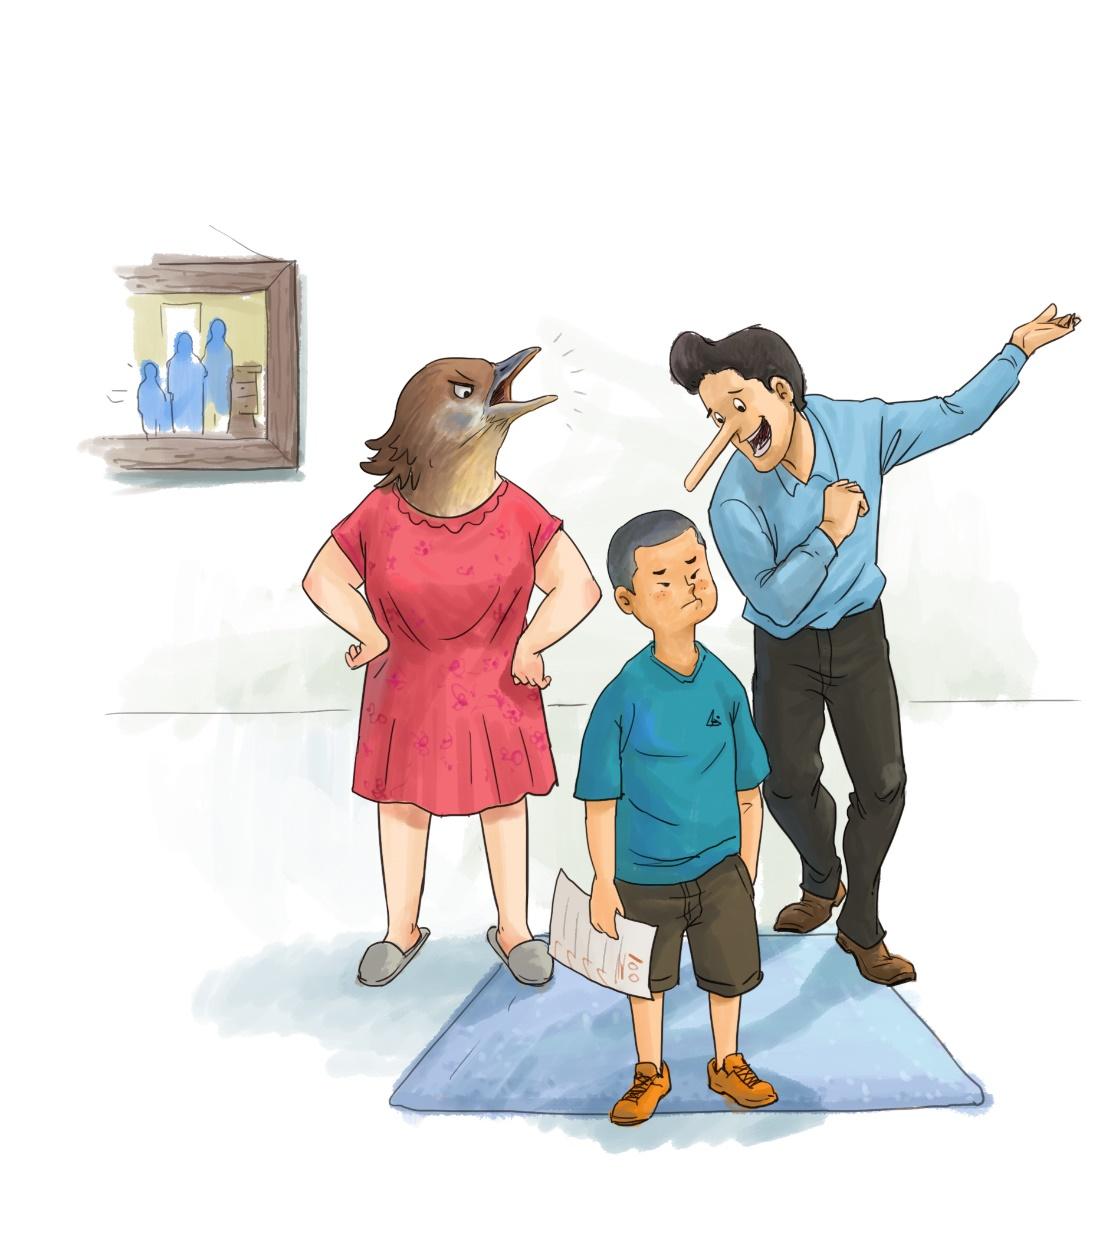 教育从不只是教育的事:我在调研中接触的三个孩子